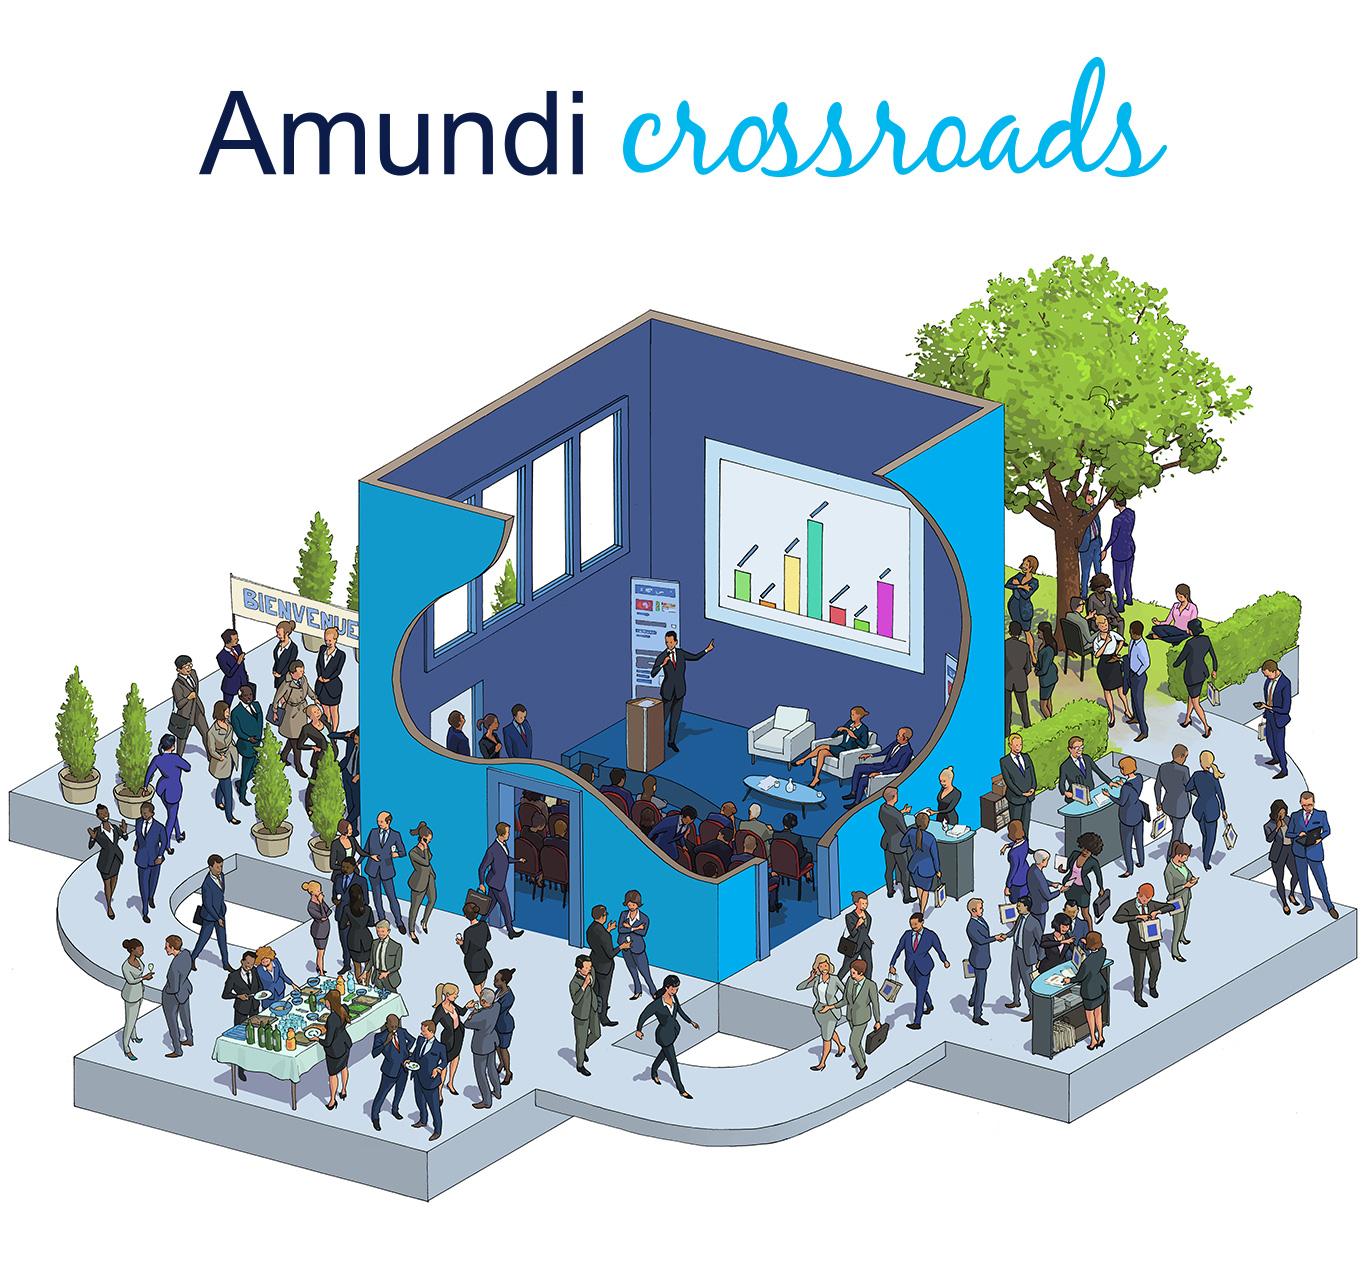 crossroads-img1